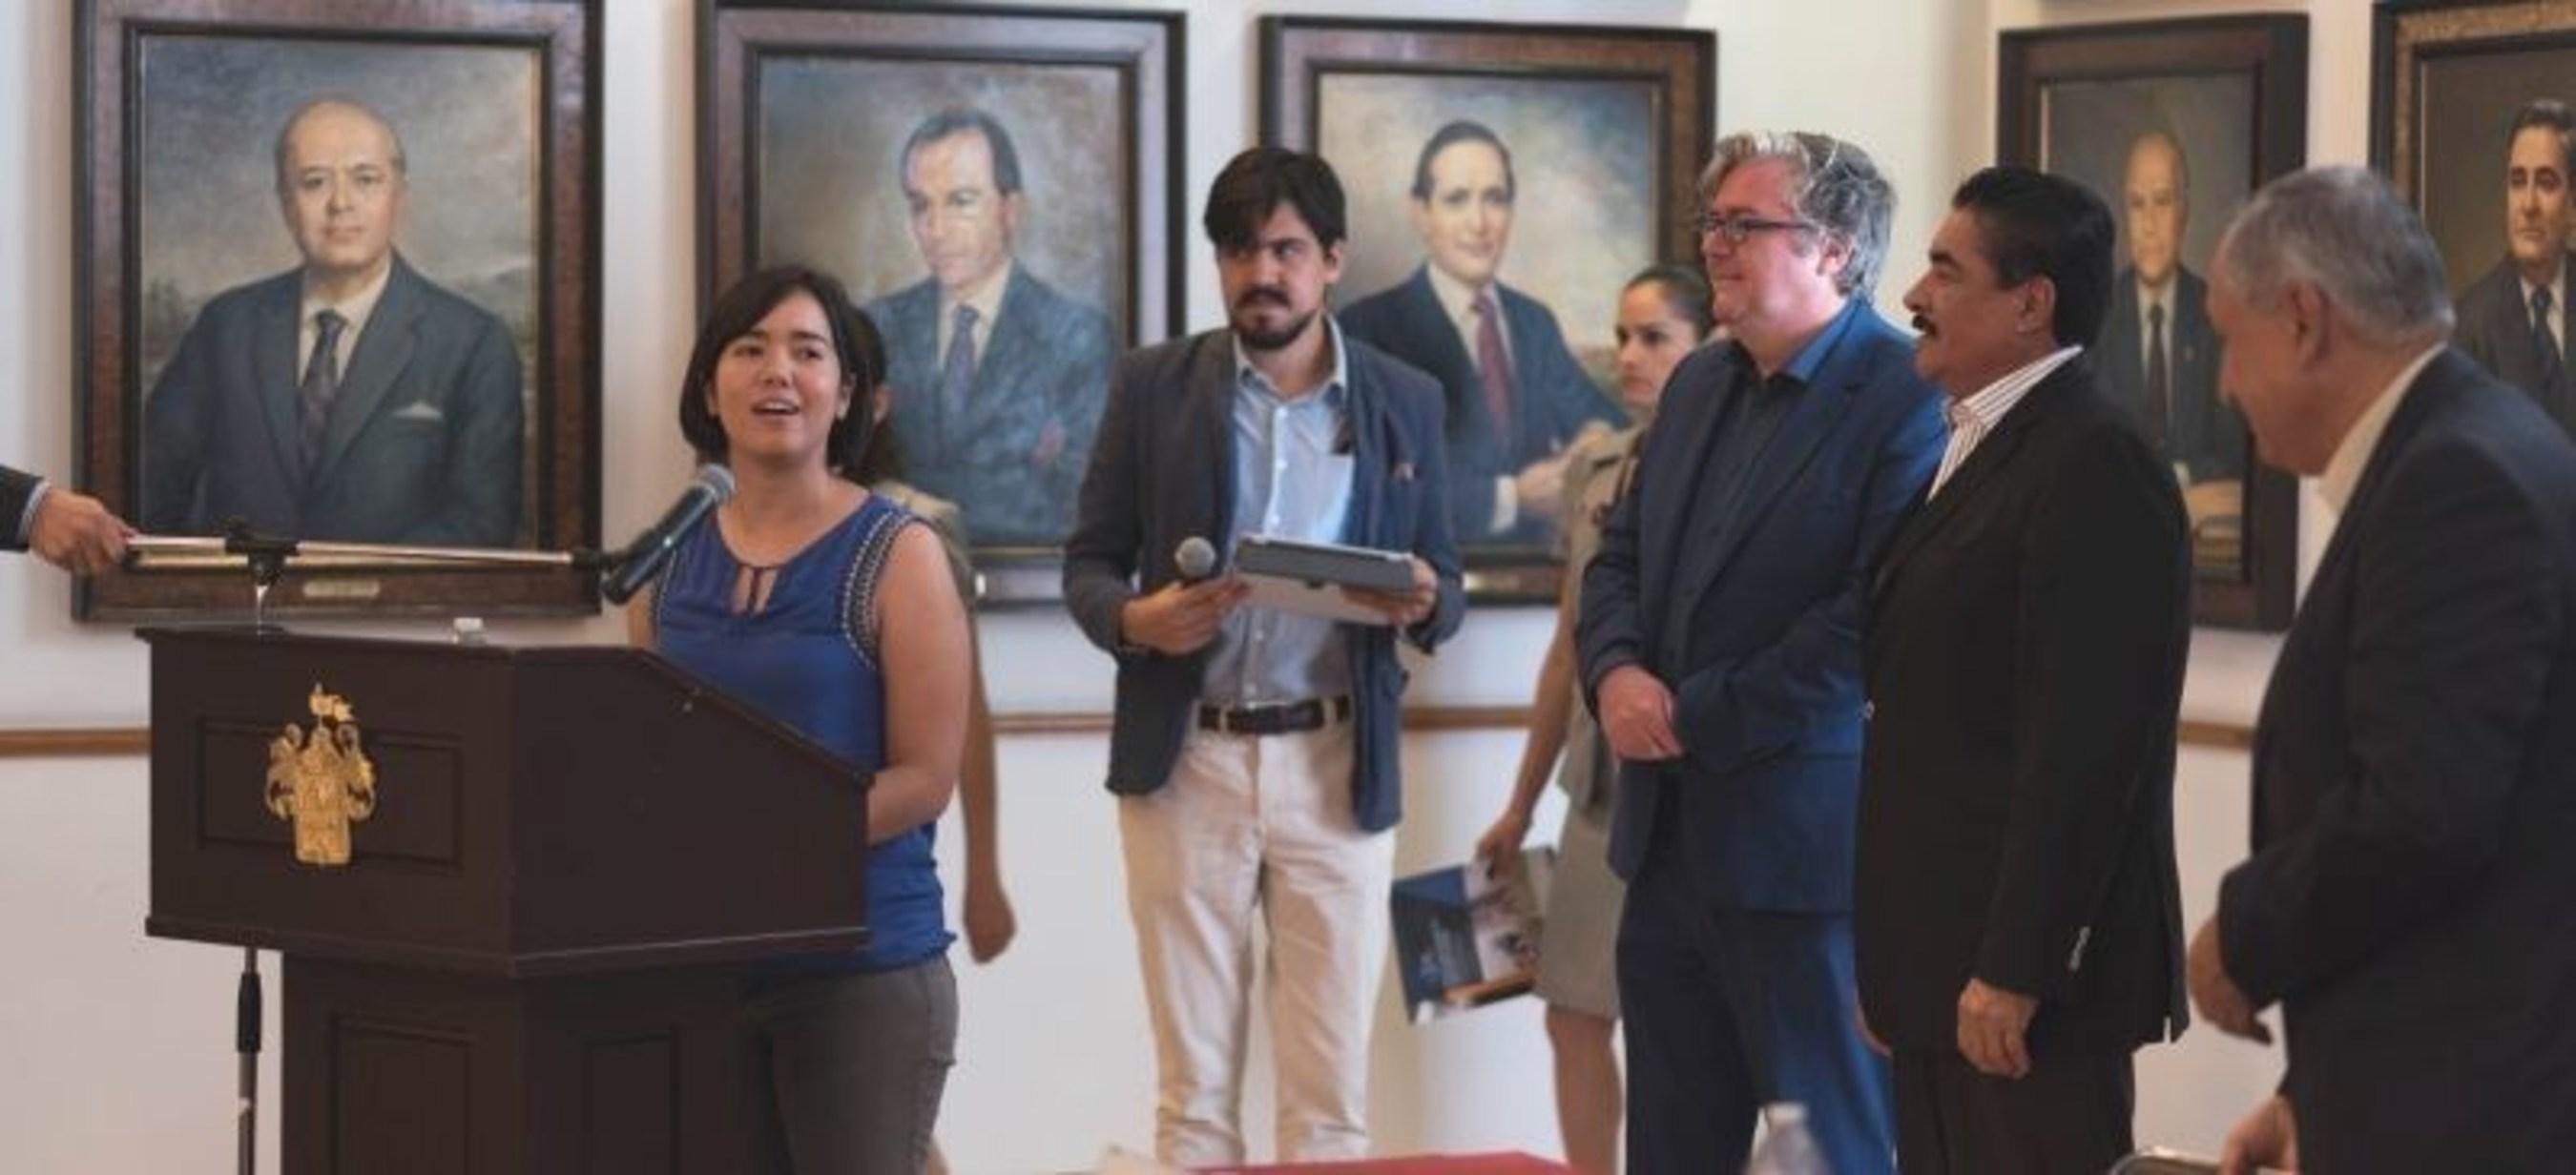 Ciudad Creativa Digital y Digital Skills Academy anuncian ganador de beca